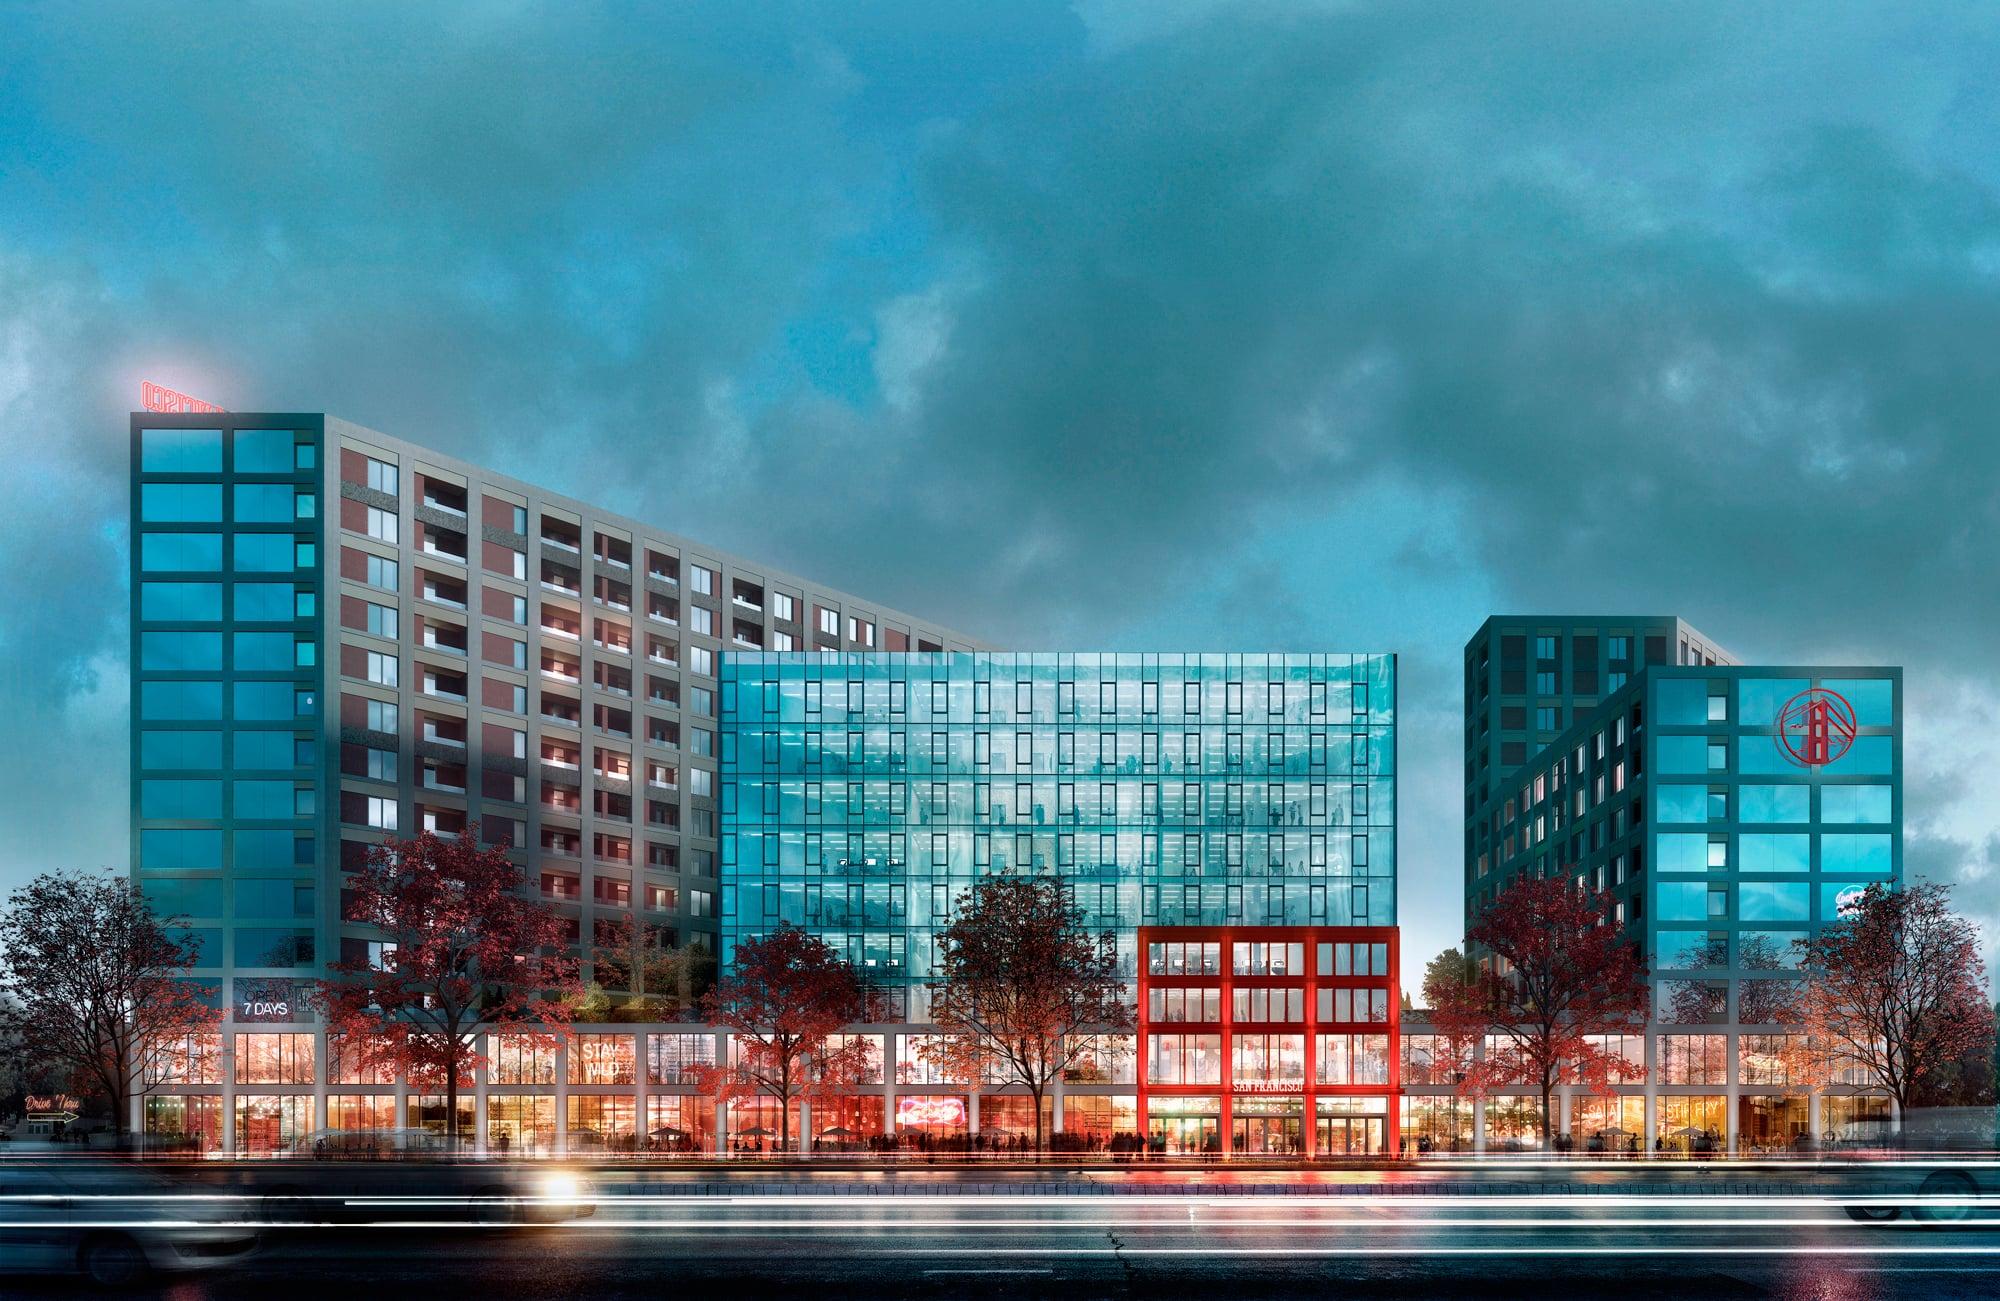 ЖК SAN FRANCISCO Creative House: почему стоит обратить внимание